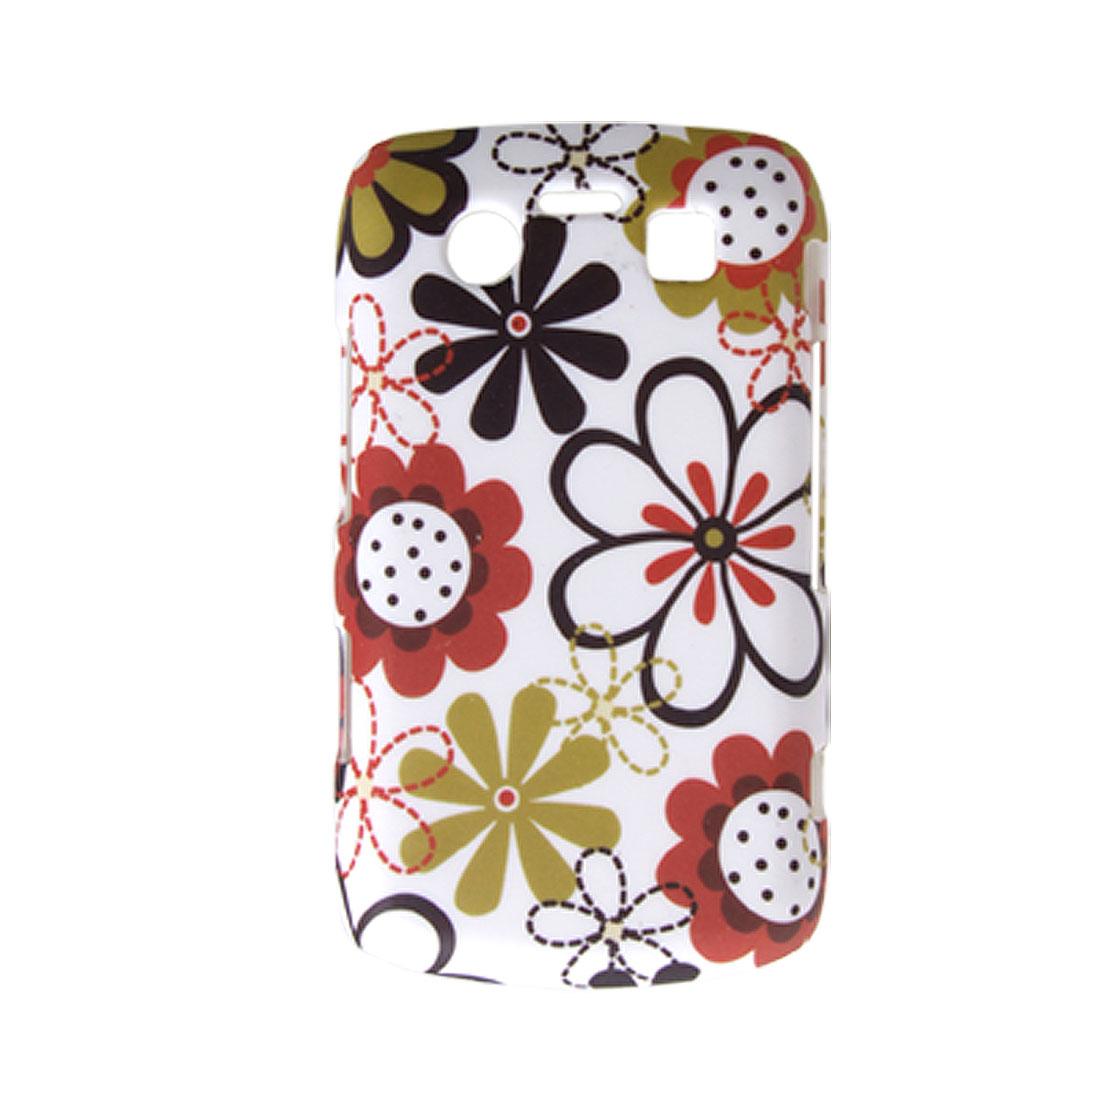 White Hard Case Rubberized Flower Cover for BlackBerry 9700